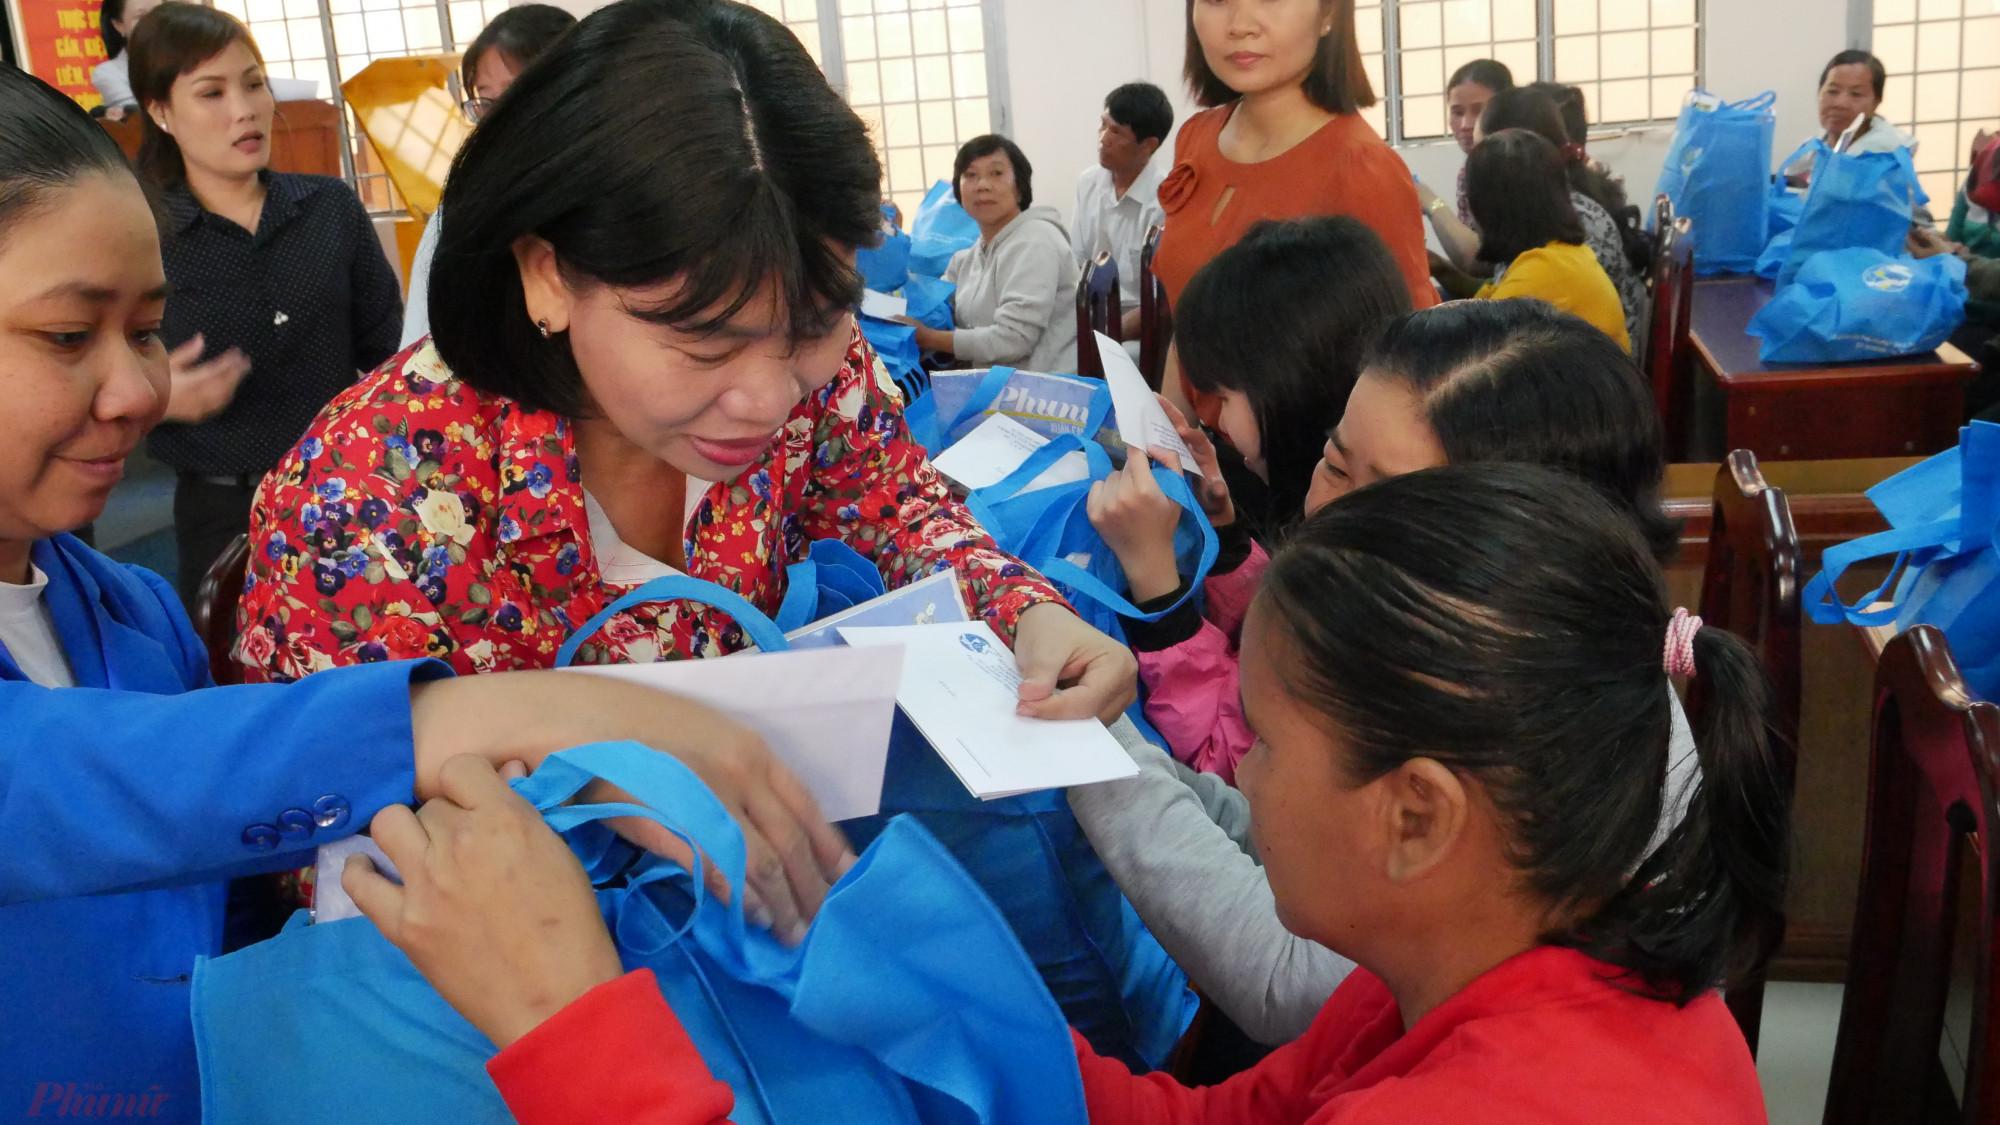 Hội LHPN THCM tặng quà tết cho hội viên phụ nữ khó khăn.